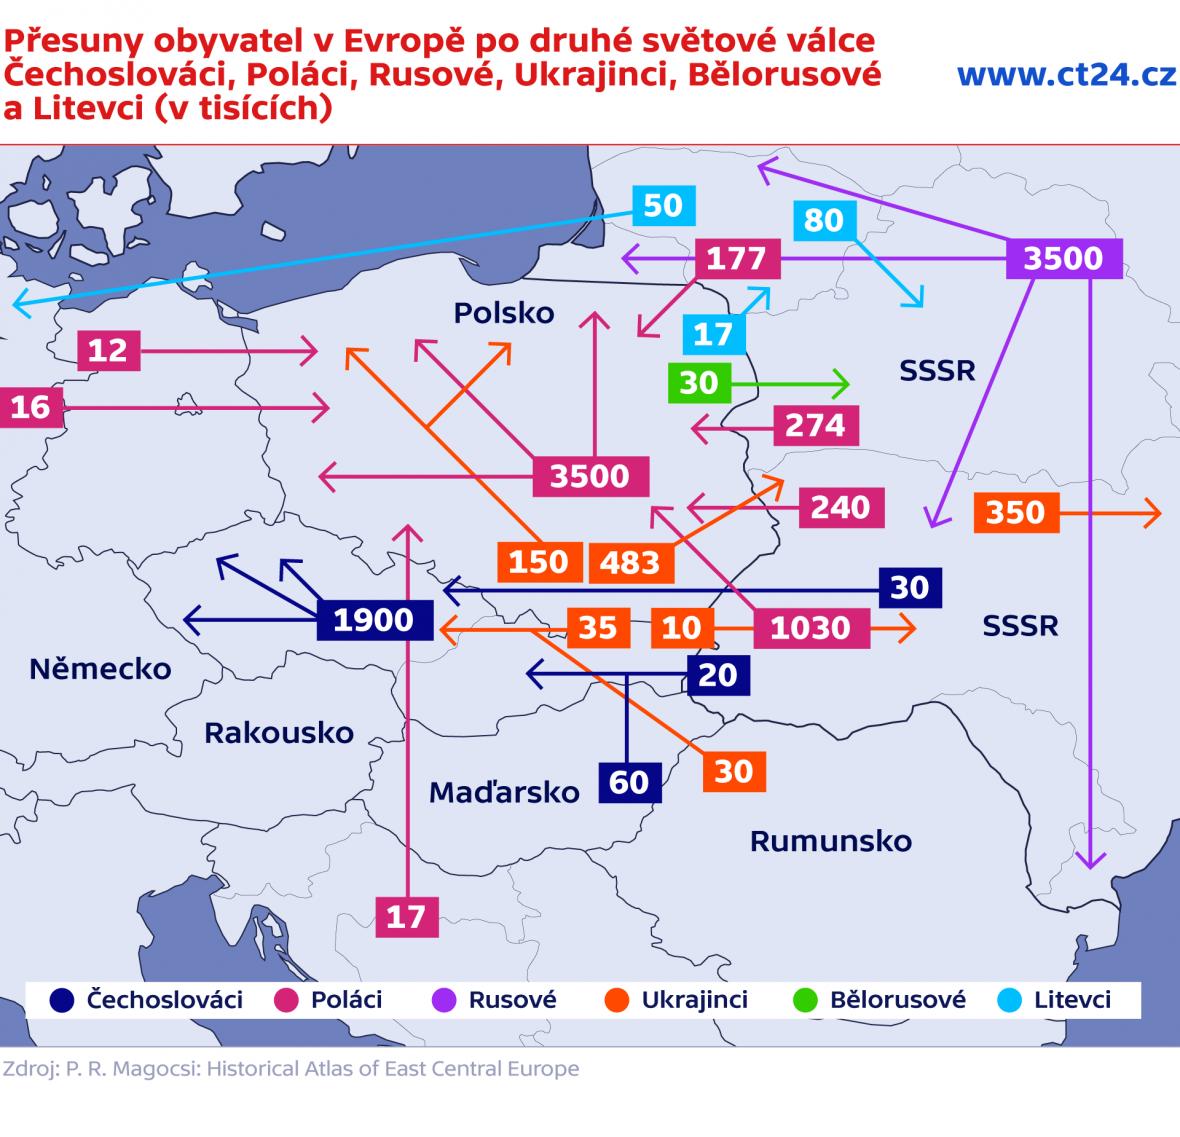 Přesuny obyvatel v Evropě po druhé světové válce – Čechoslováci, Poláci, Rusové, Ukrajinci, Bělorusové a Litevci (v tisících)